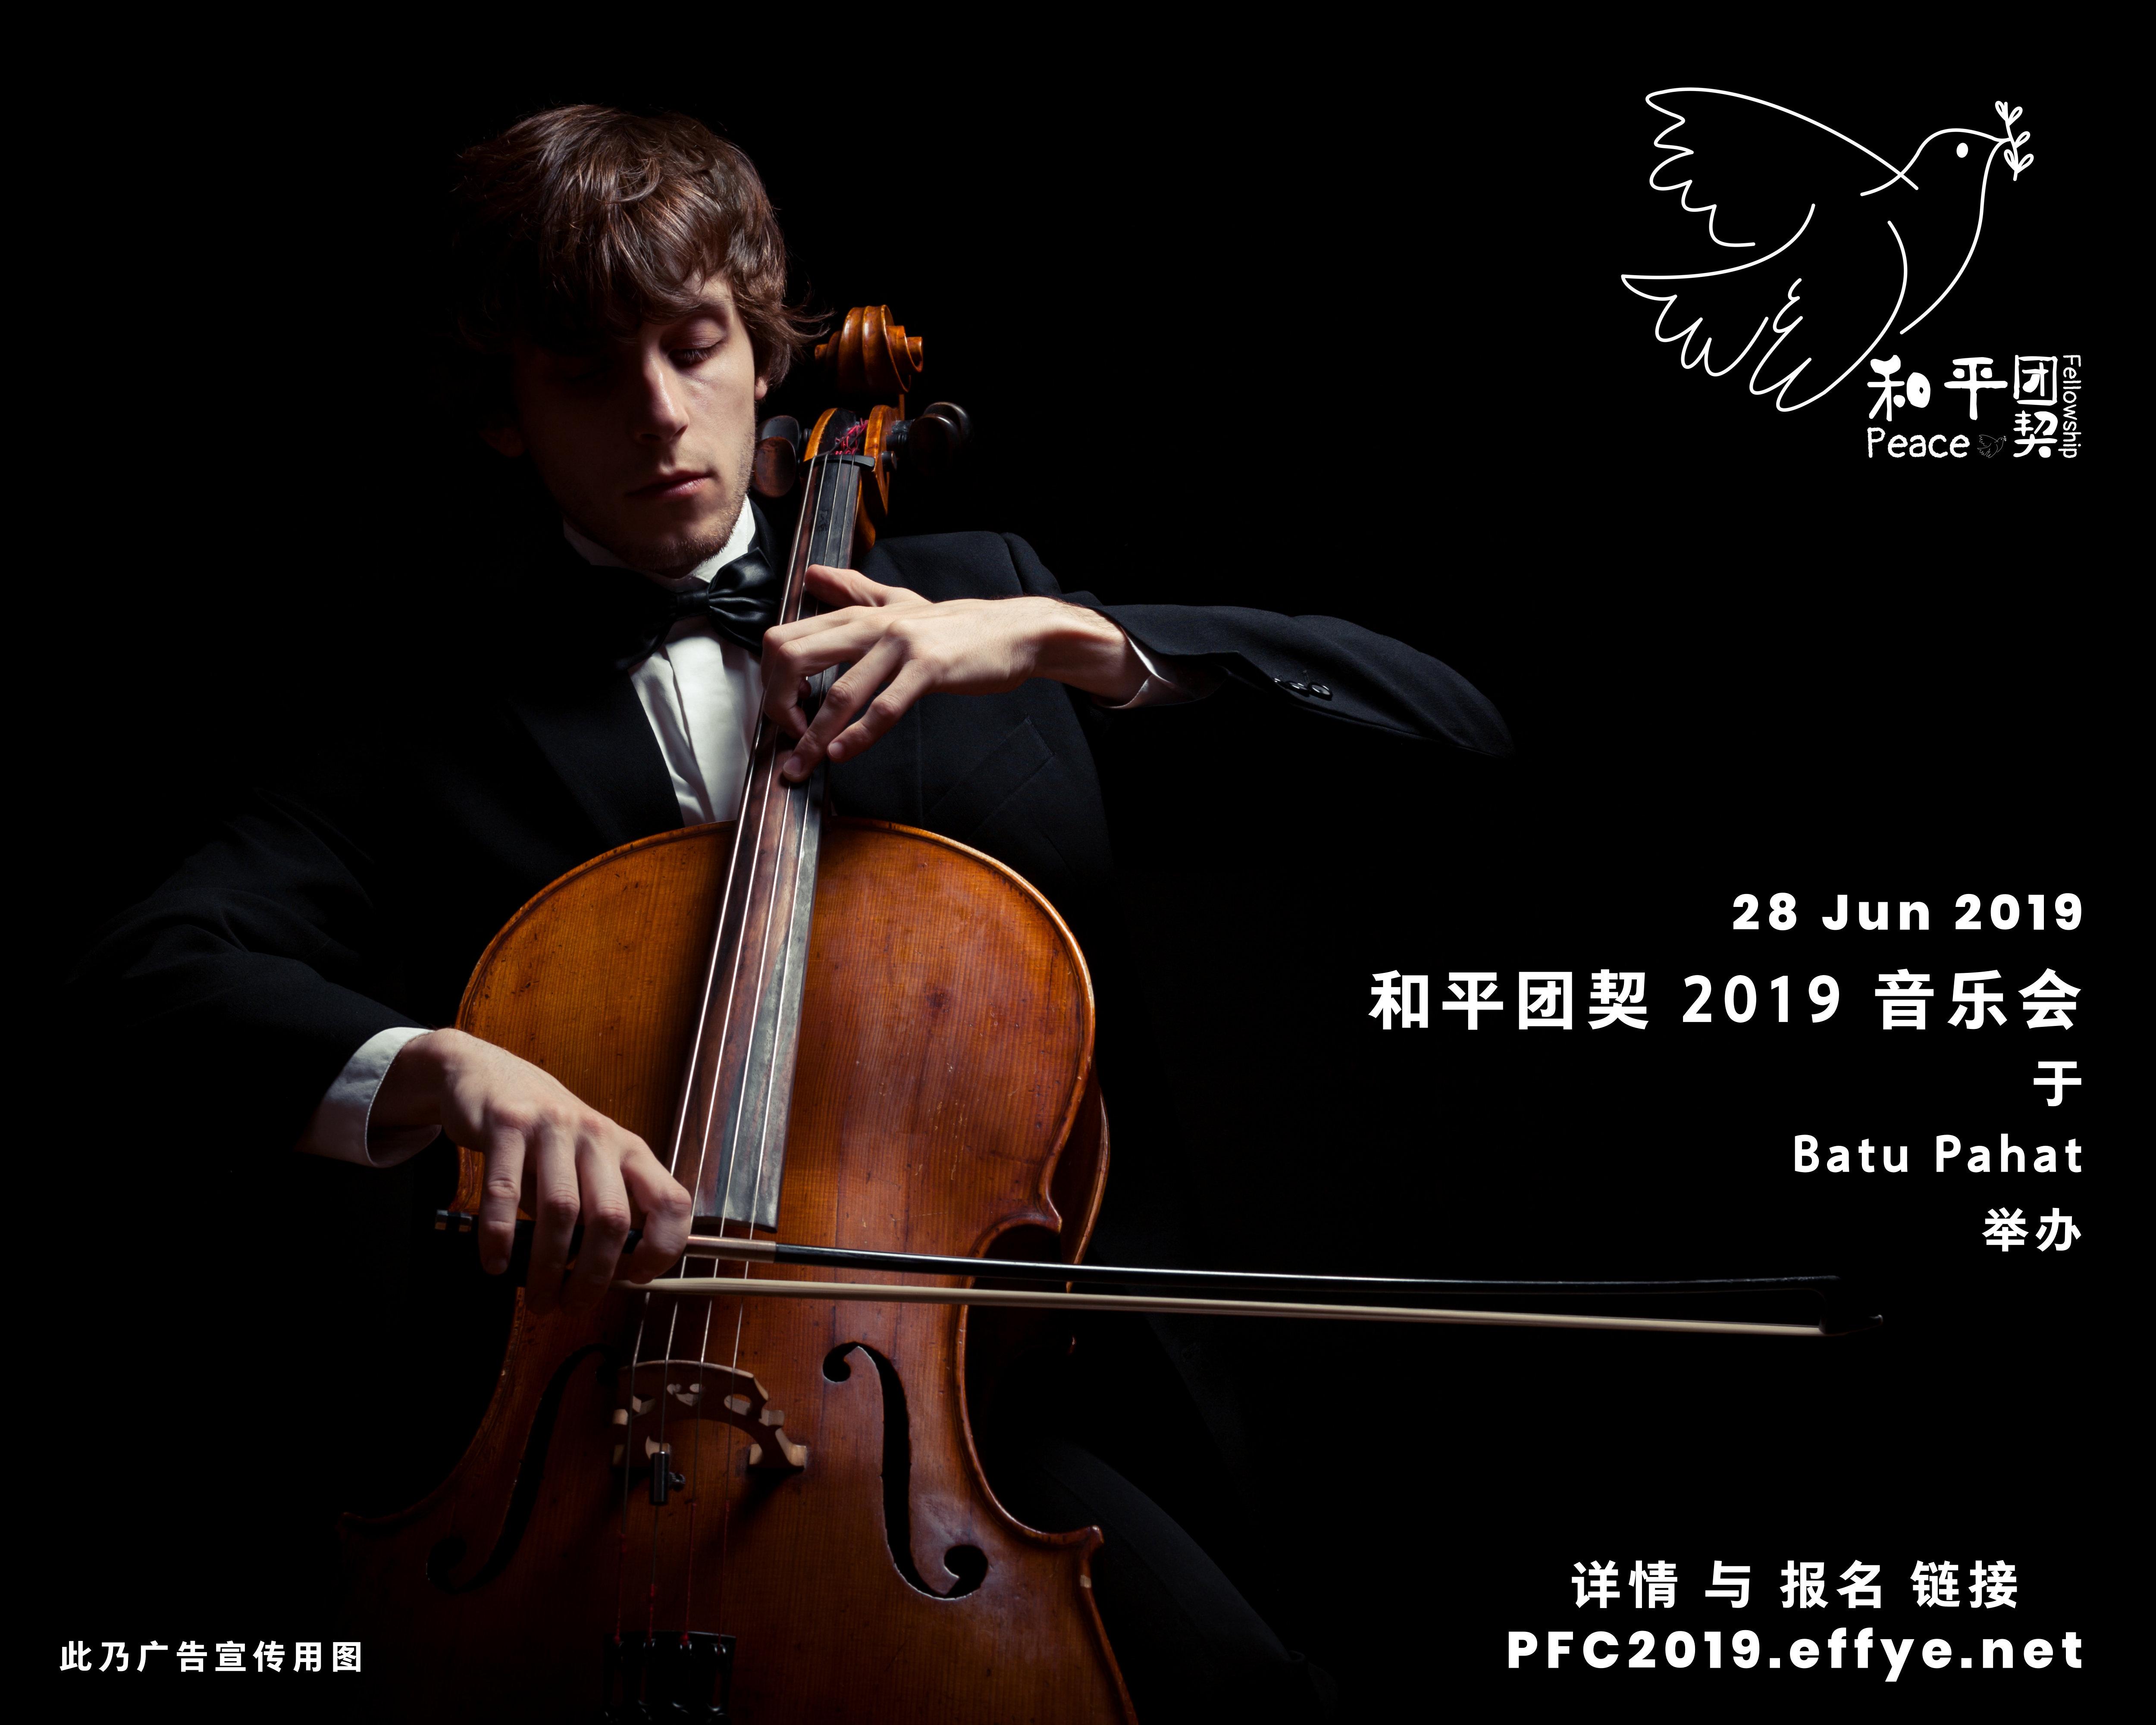 峇株巴辖 音乐会 和平团契 少年团 2019 音乐会 2019年 6月 28日 钢琴 吉他 小提琴 大提琴 古筝 独唱 Peace Fellowship 2019 Concert at Batu Pahat Piana Guitar Violin Cello GuZheng Singing A006